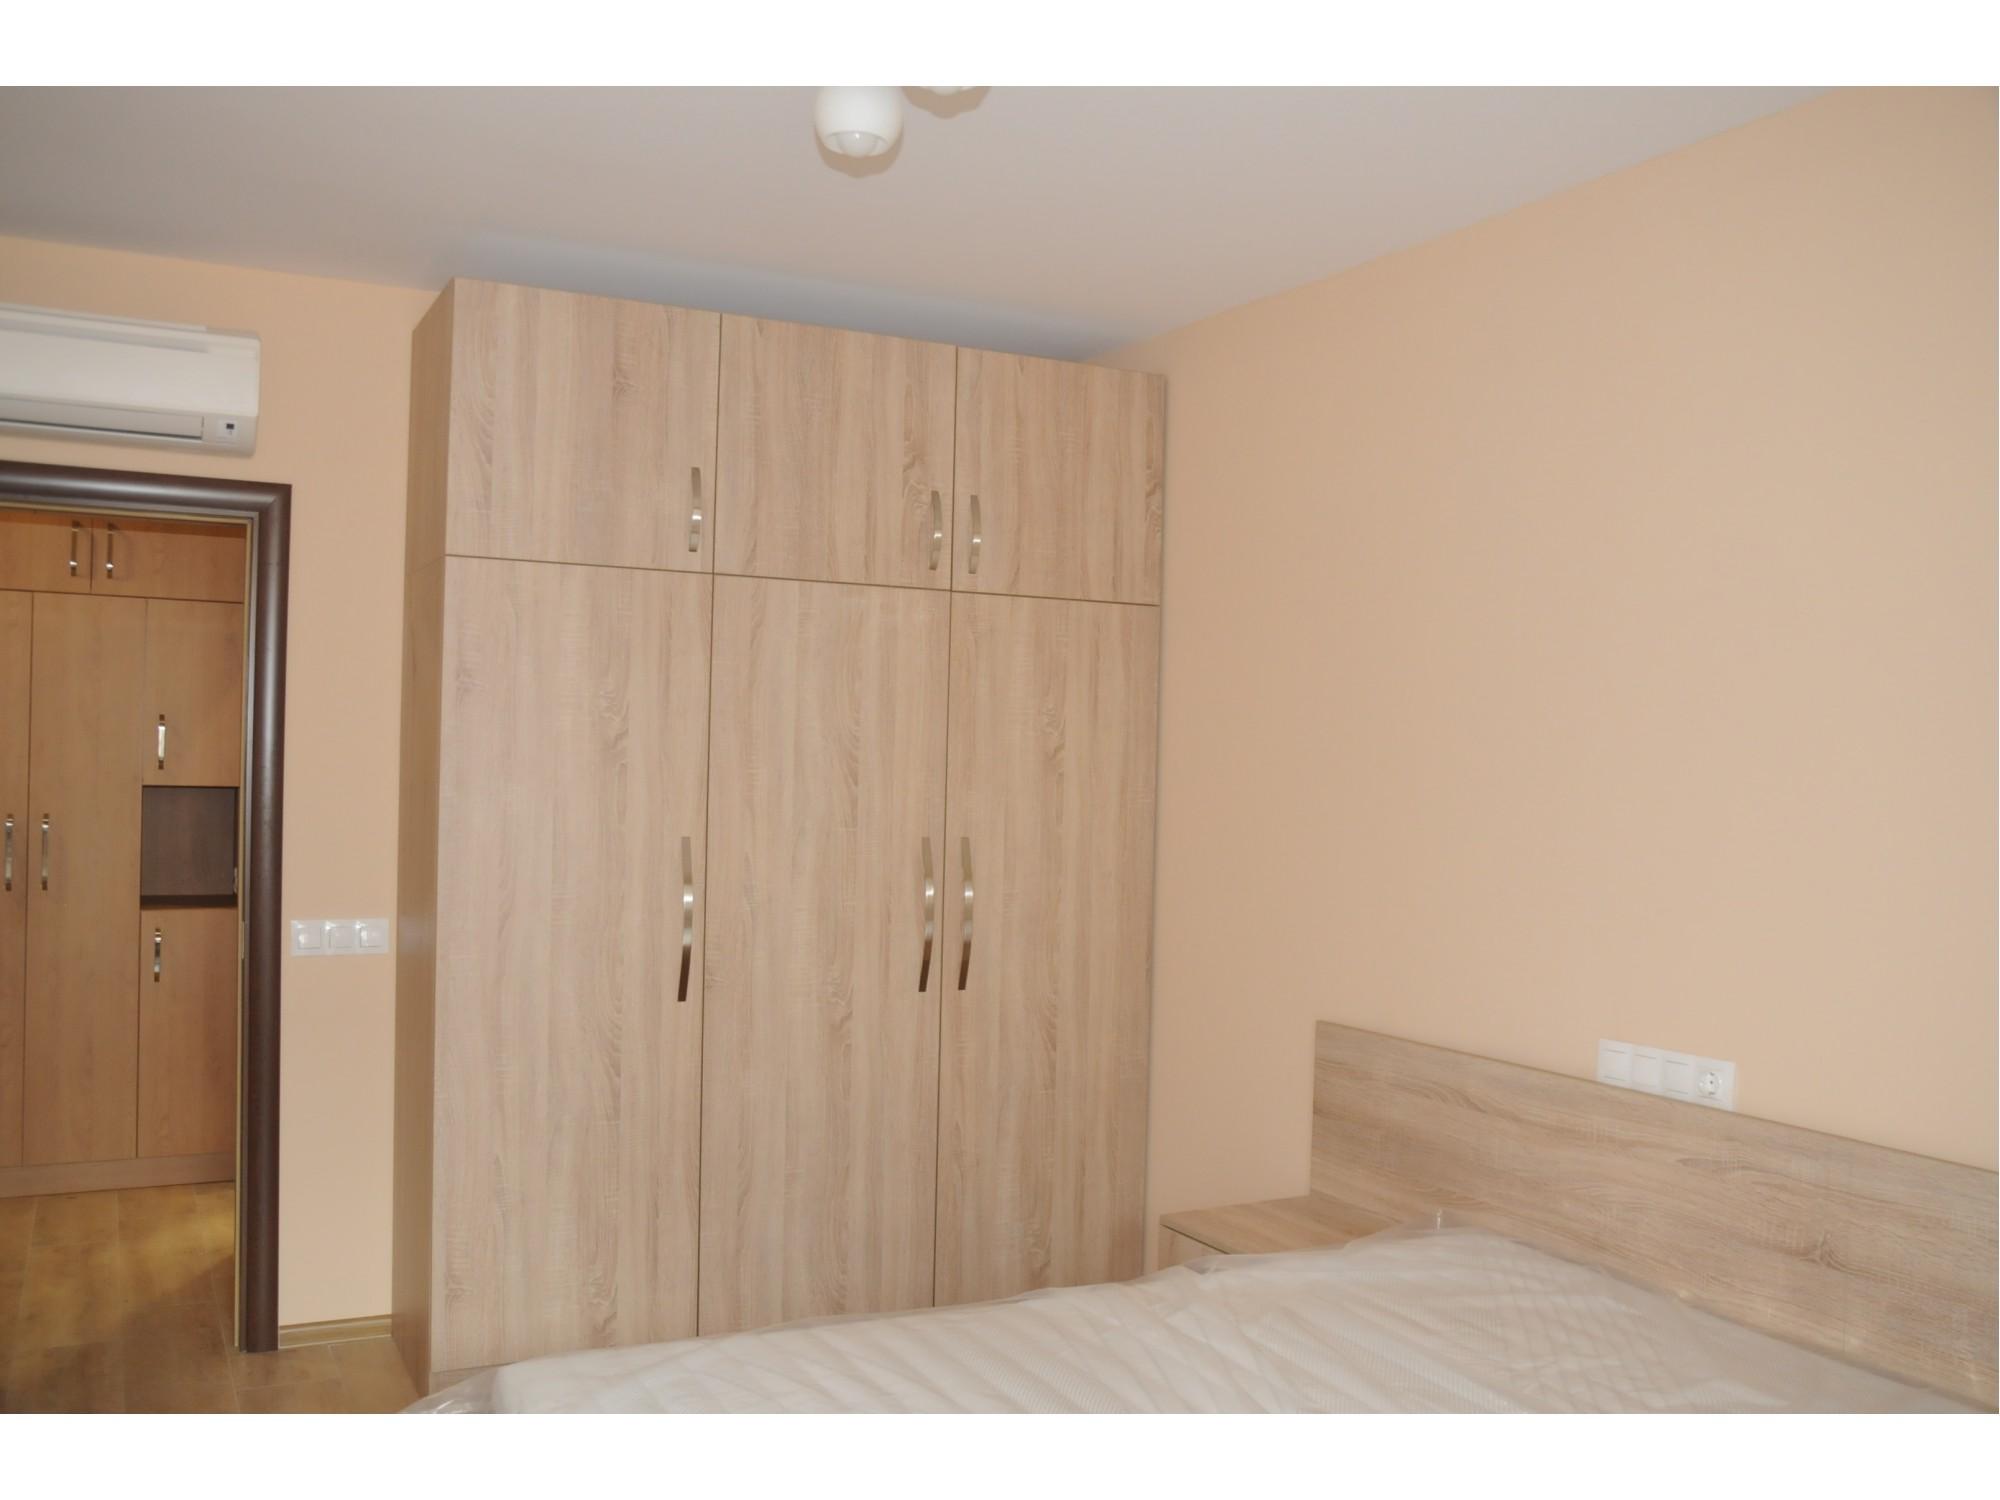 НОВ, ЛУКСОЗНО обзаведен двустаен апартамент в престижния комплекс Marble Residence